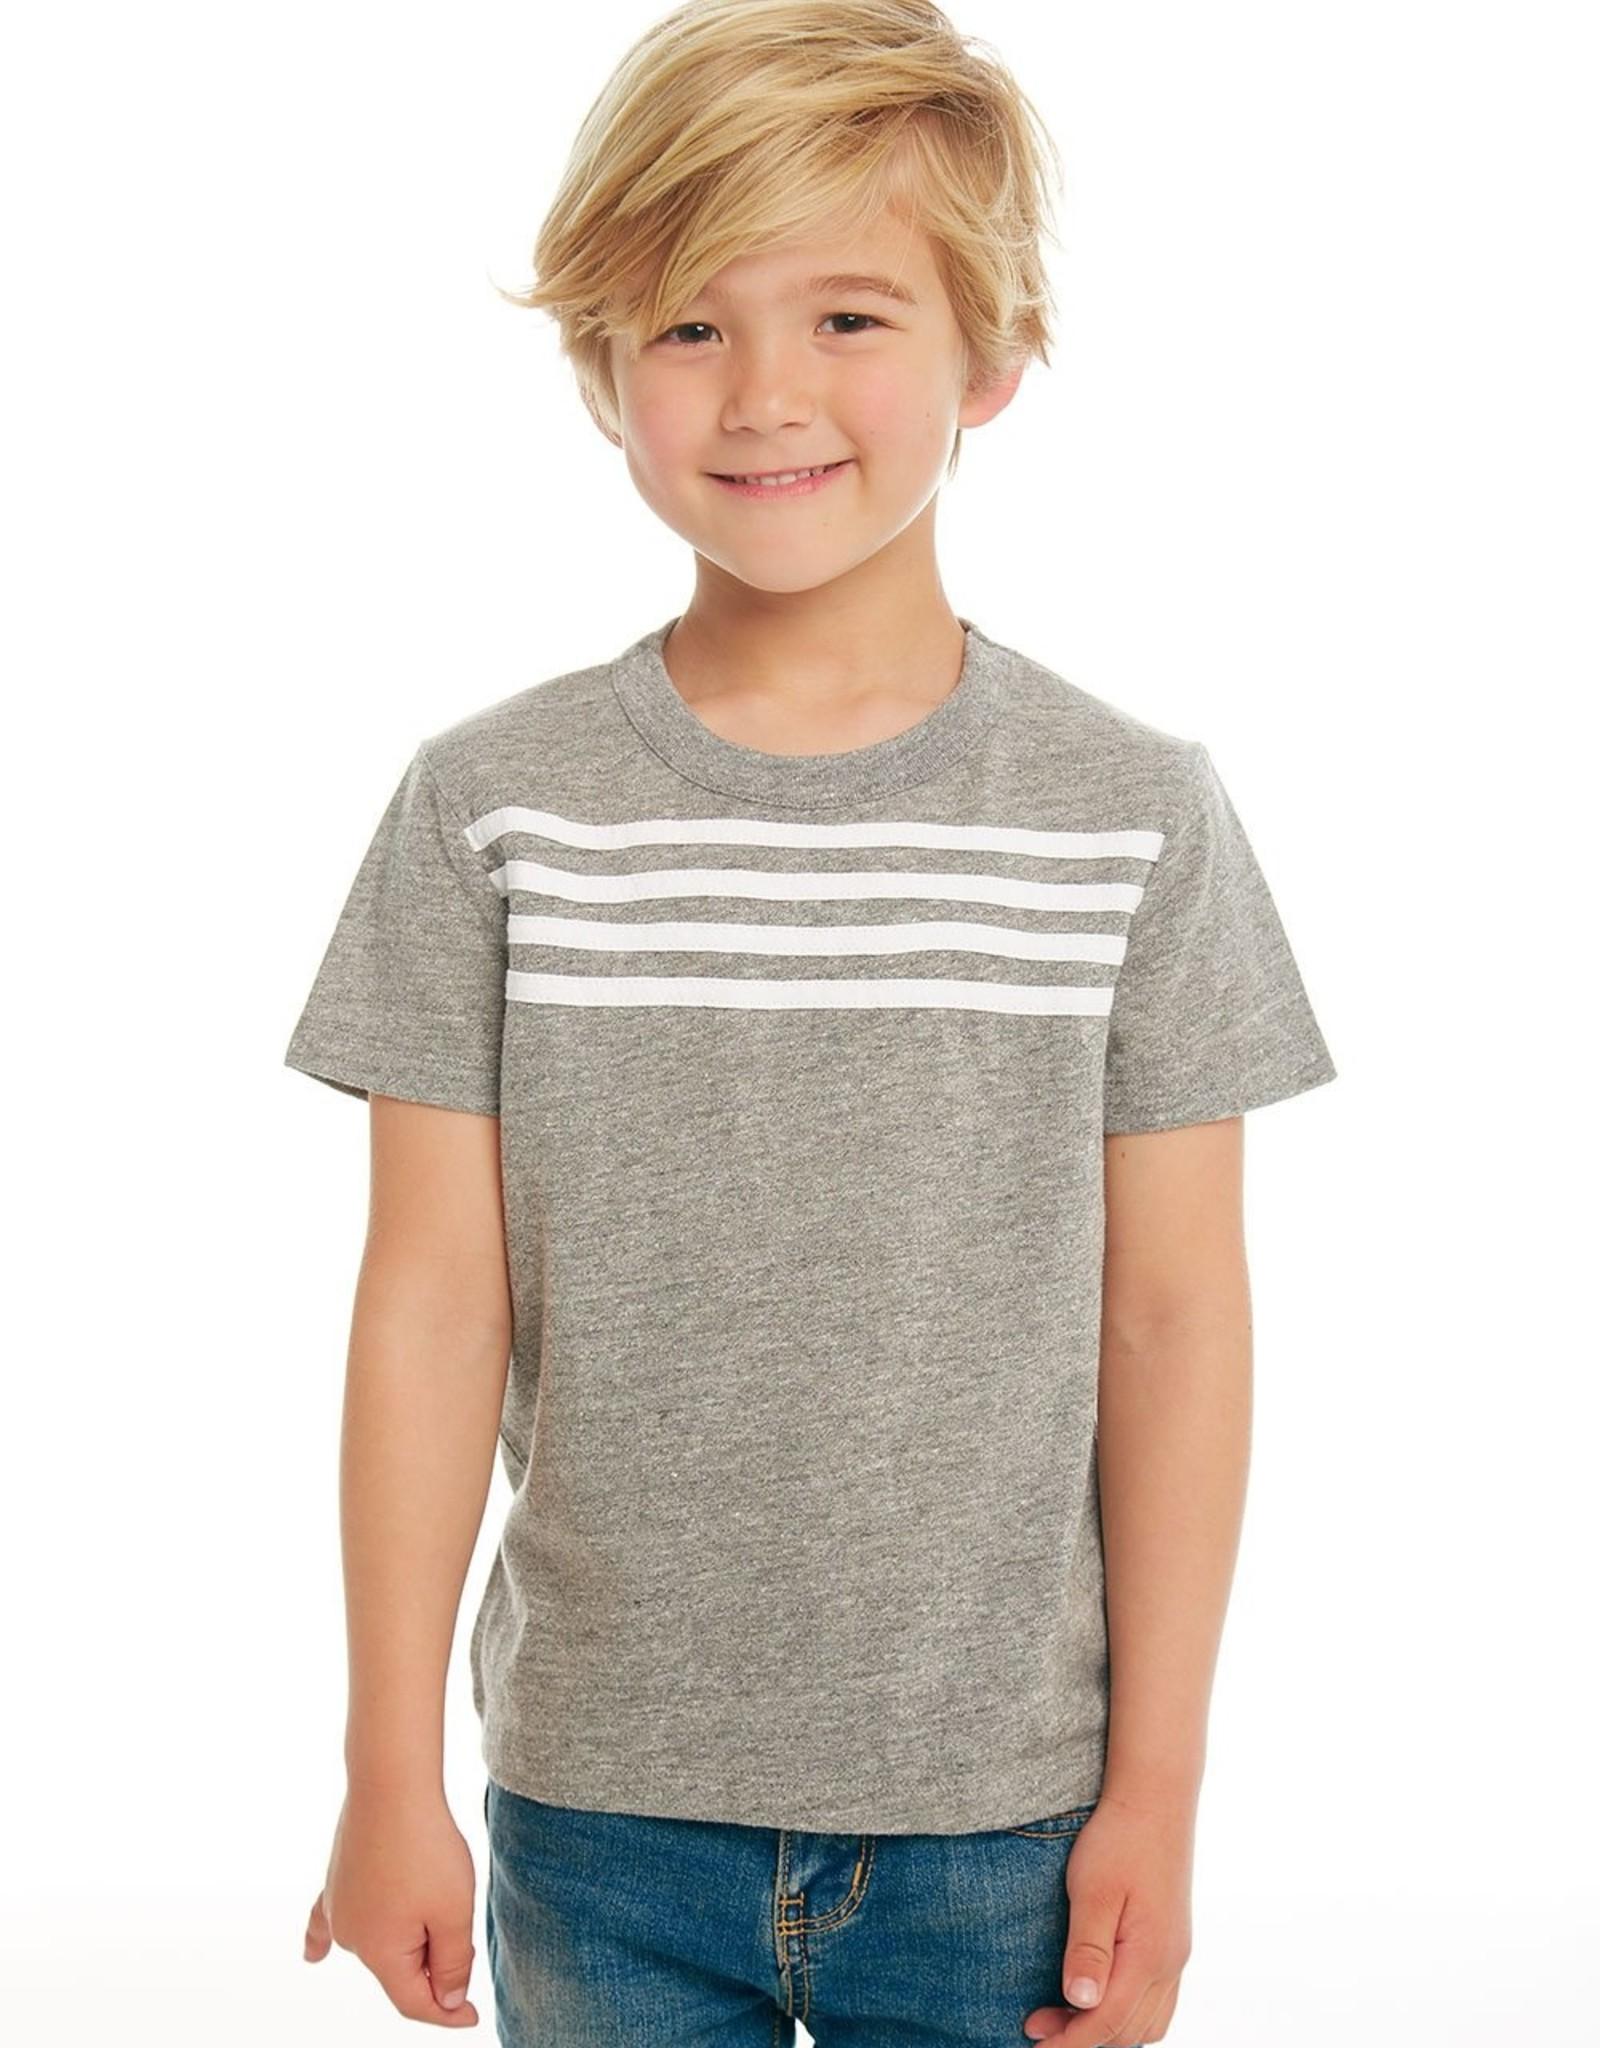 Chaser Chaser Boys 4 Stripe Tee